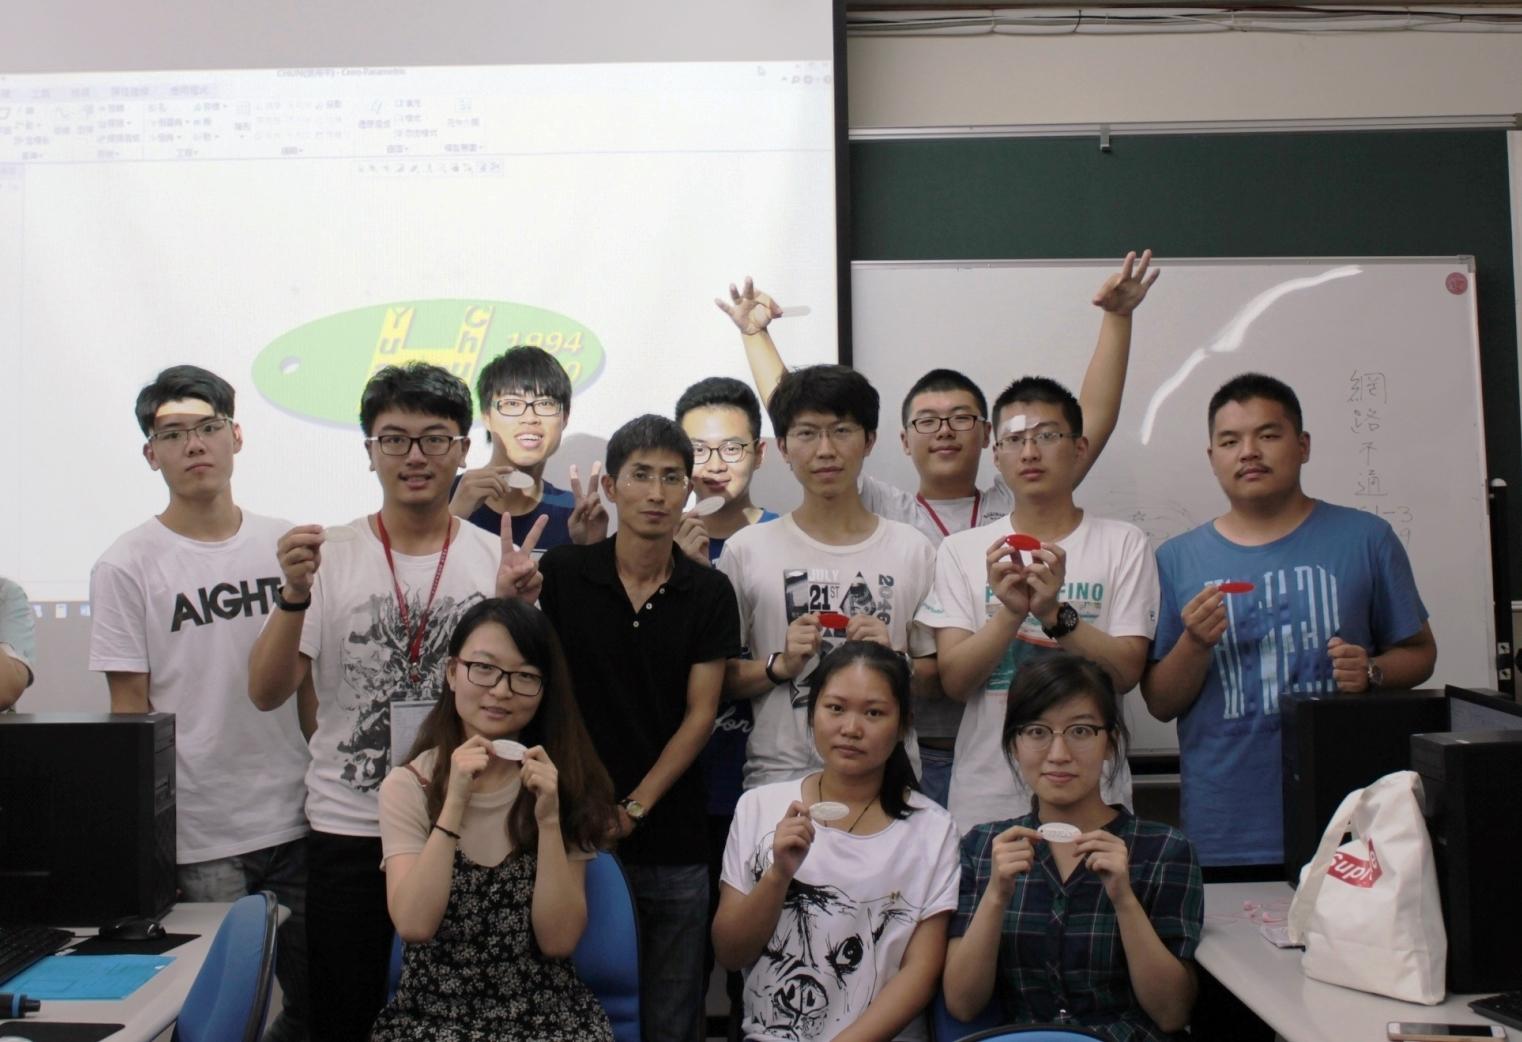 通稿照片06-3D列印課程讓學員可以自己繪圖設計的吊牌列印出來.jpg